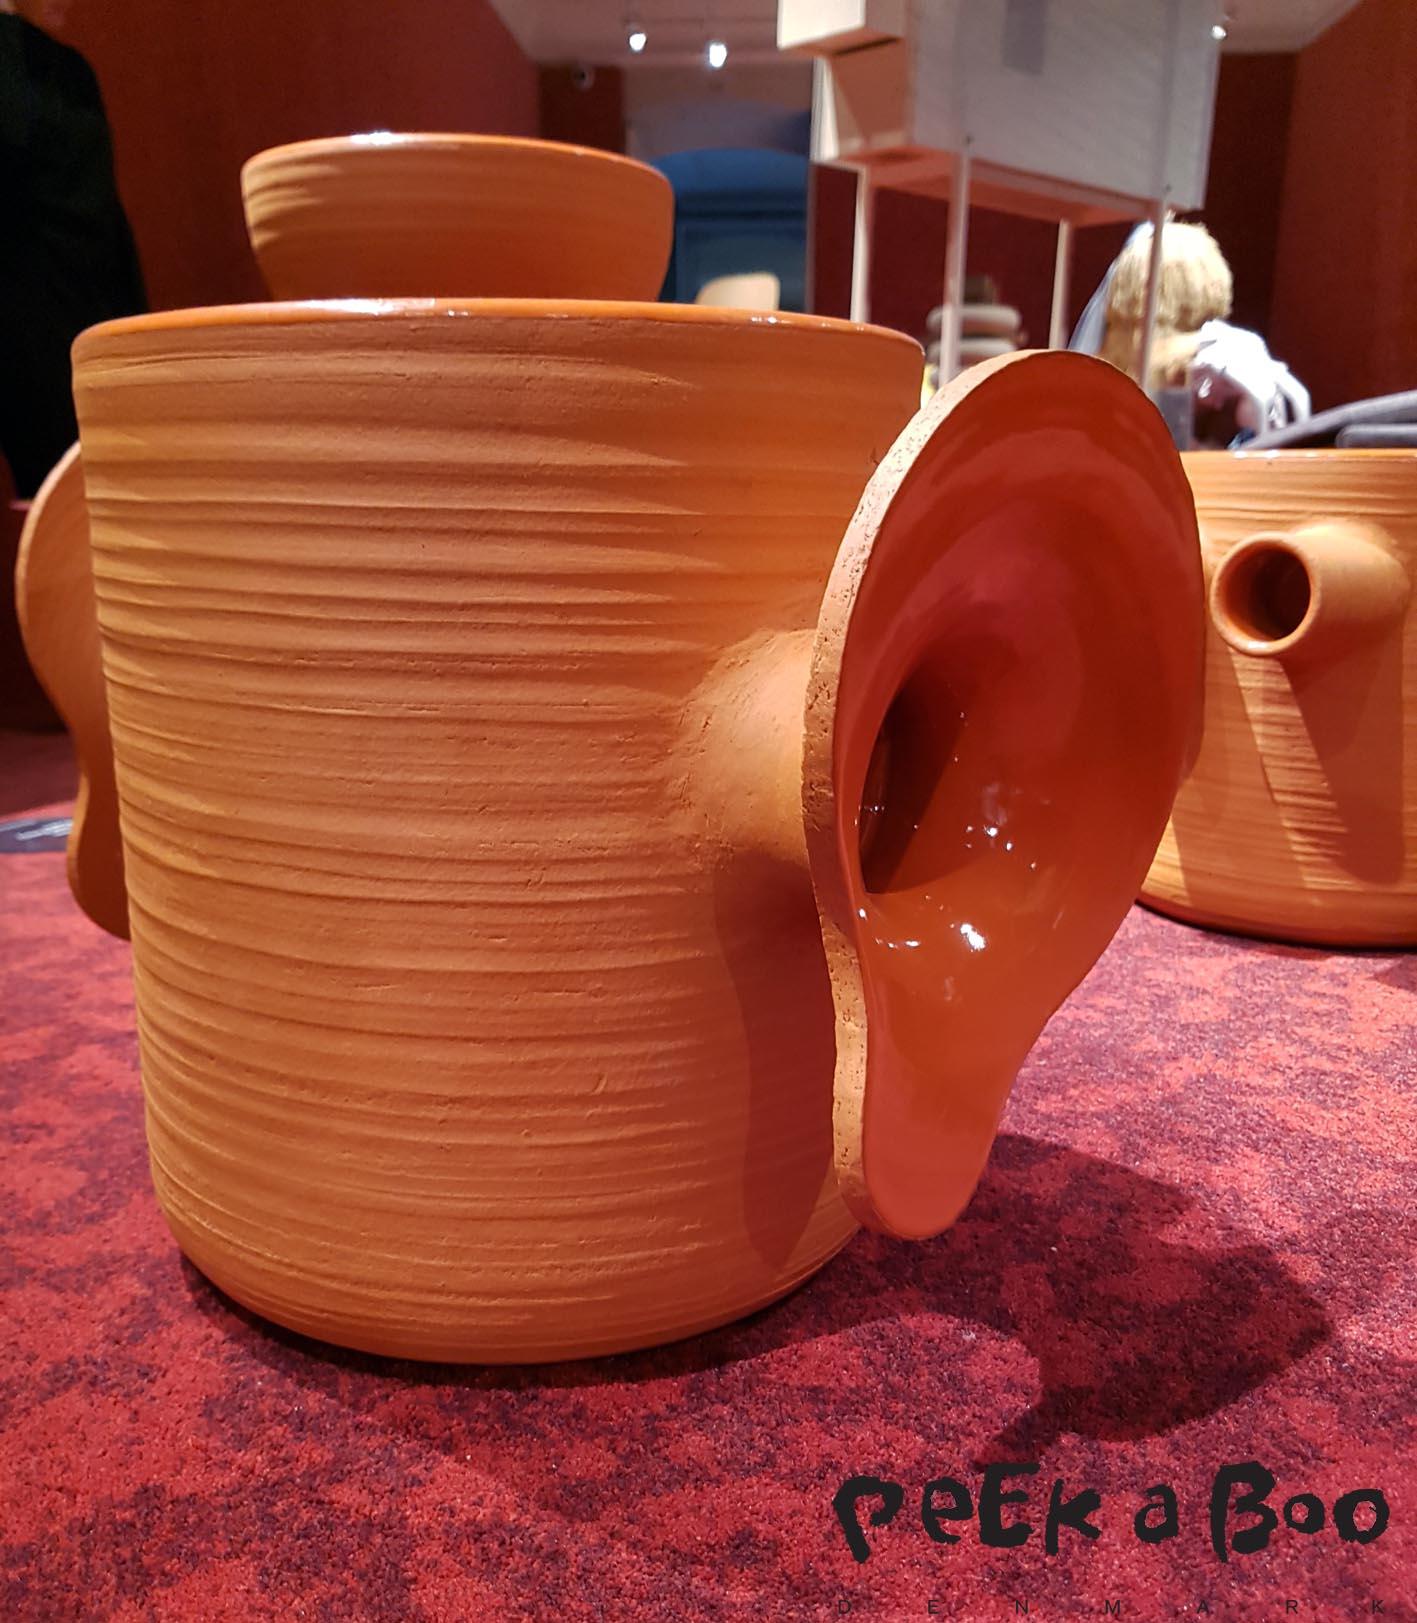 Primal Pottery Project- Ole Jensens kreative fortolkning af temaet for dette års udstilling - In My Mind Craft - samtidig engagerer sind og intellekt, krop, materiale og objekt. I hans hænder, har temaet fundet et udtryk i fælles menneskelige symboler, tegn og referencer med inspiration fra tidlig keramik.